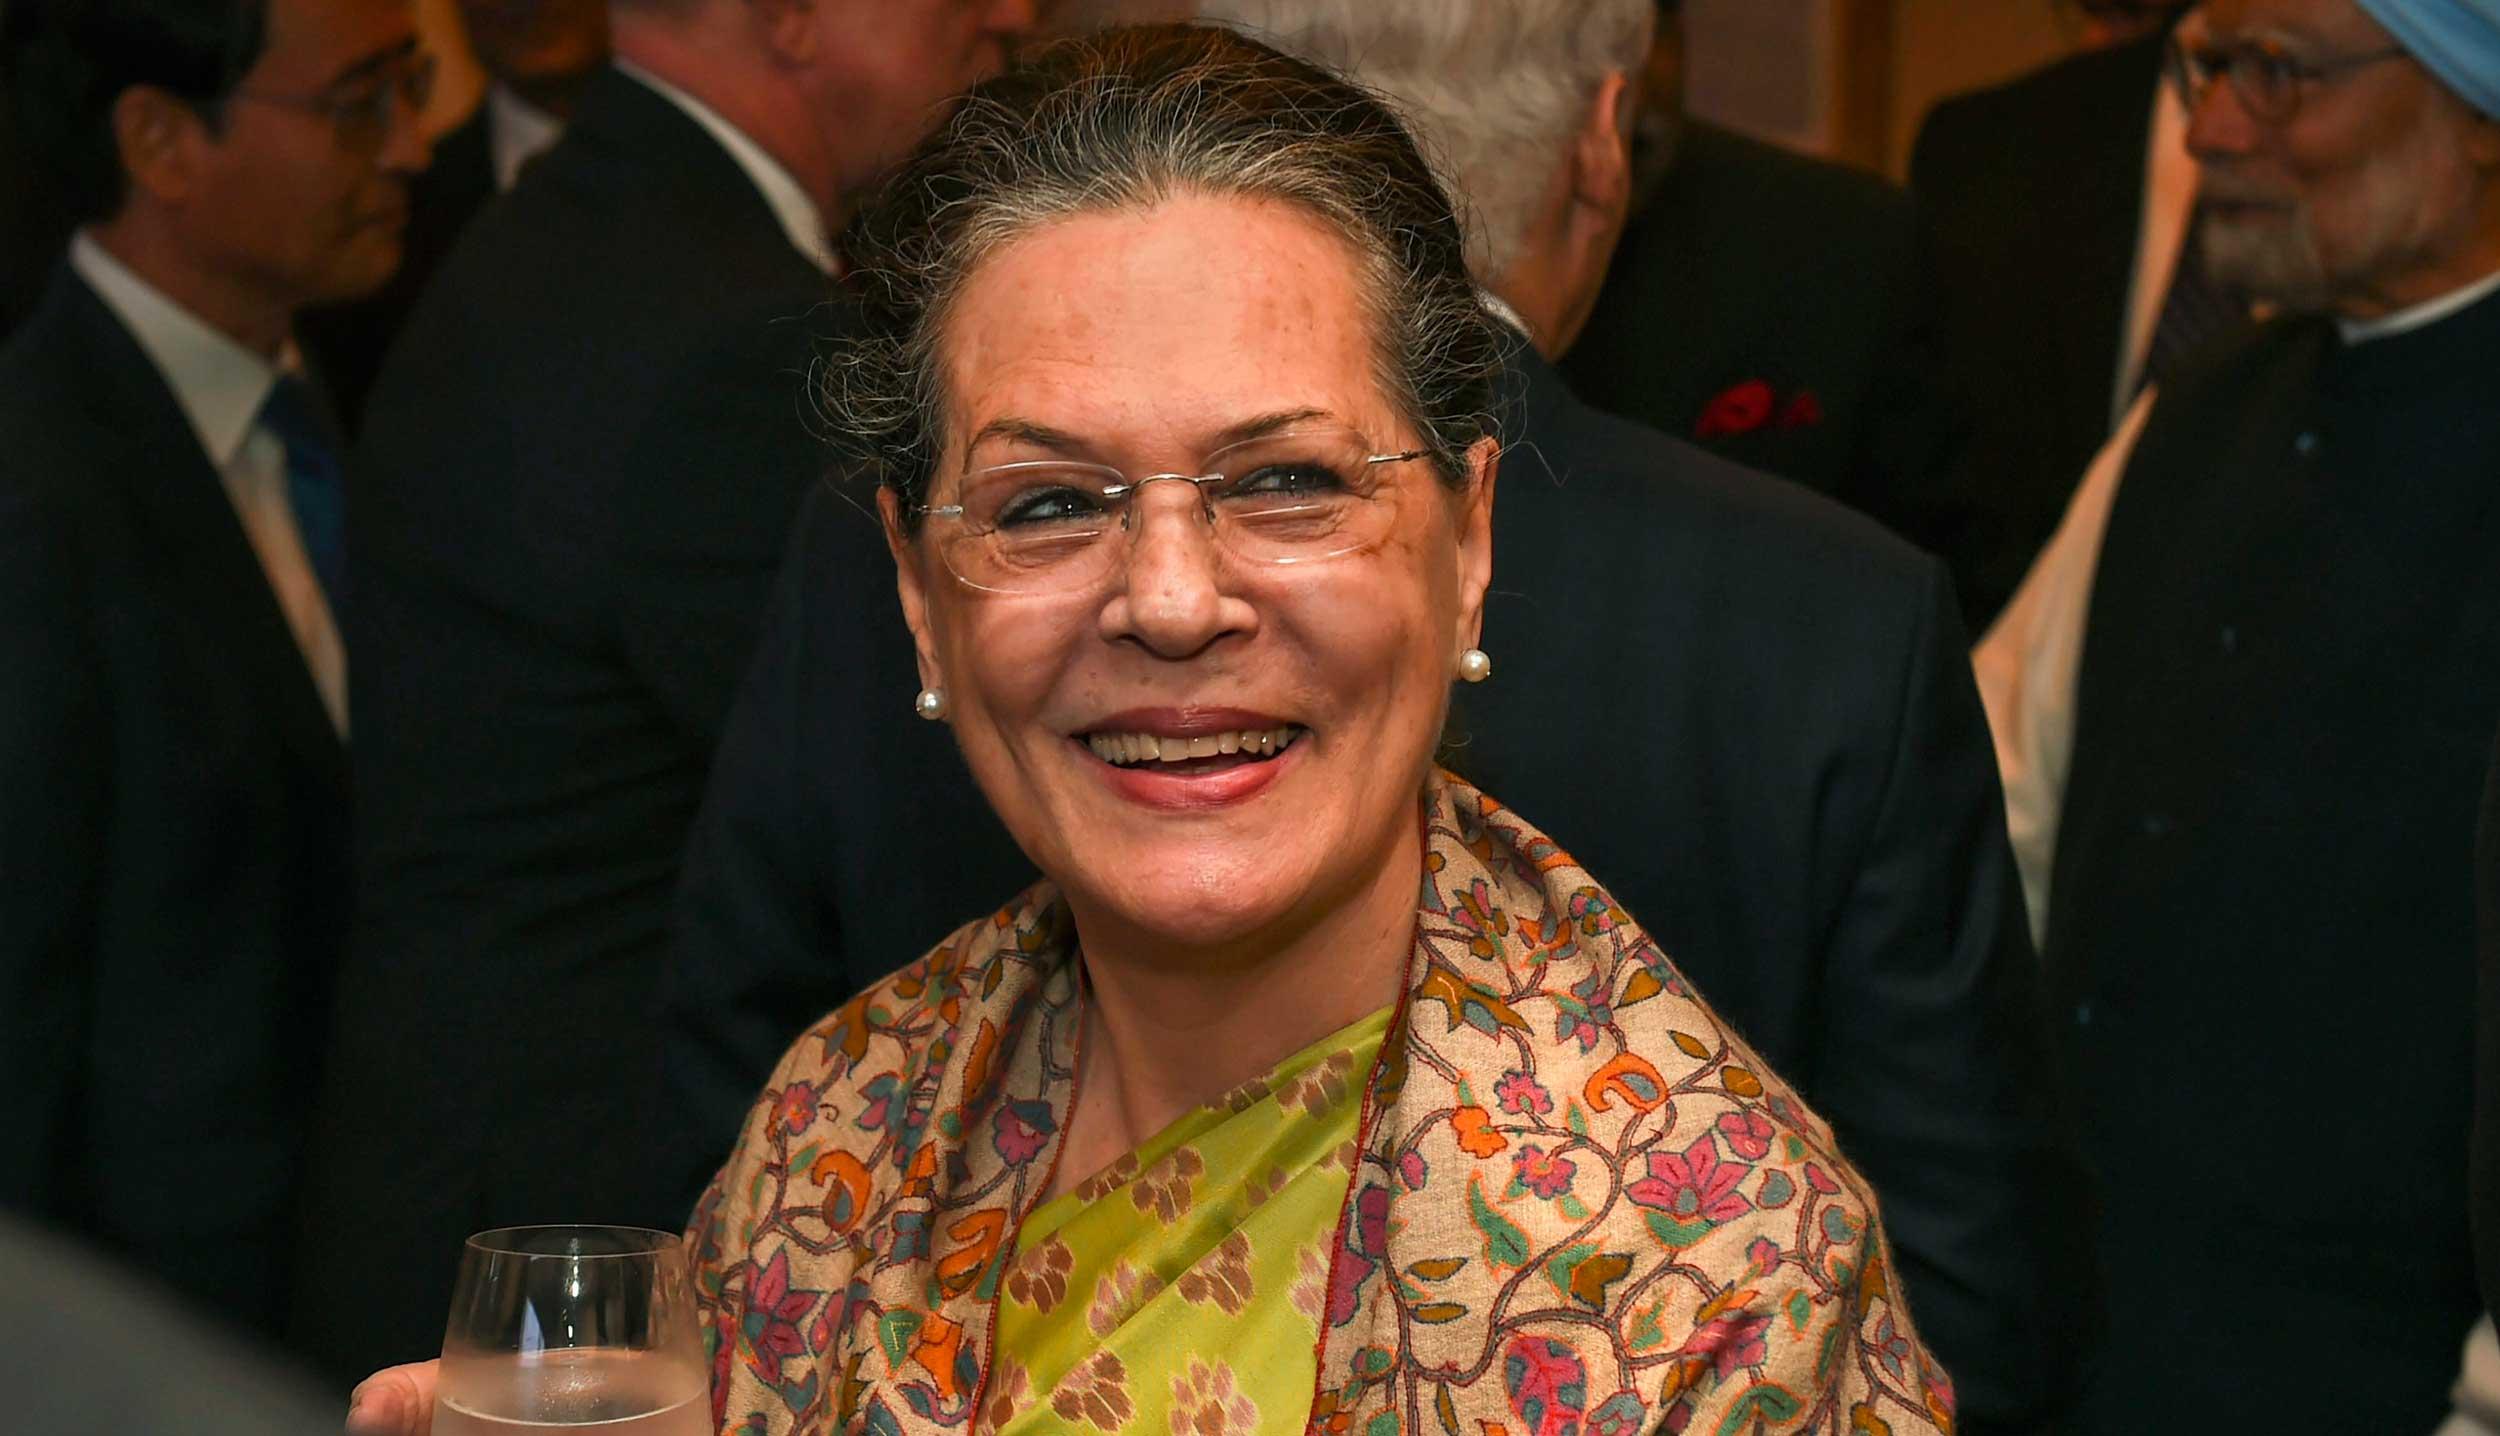 Sonia Gandhi is interim Congress president